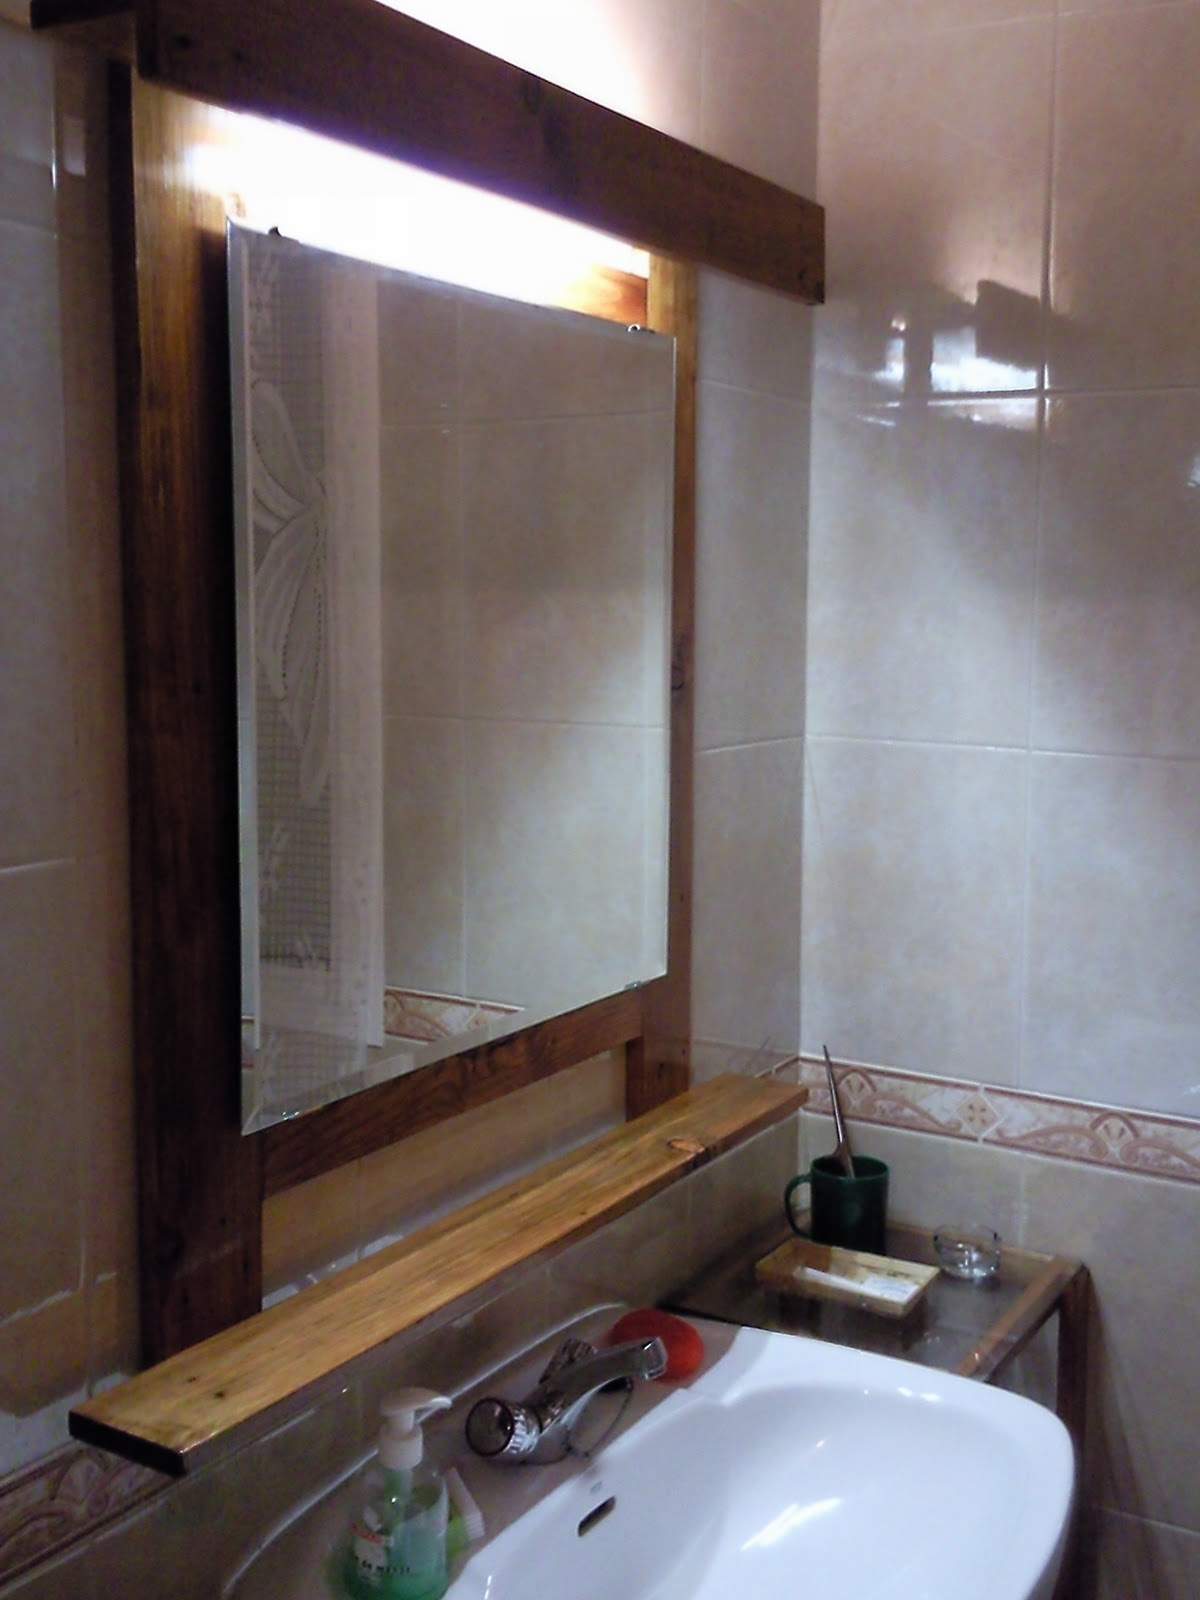 Botiquin Para Baño Moderno:Muebles Espejo Baño : CREAR, RESTAURAR Y RECICLAR: ESPEJO MUEBLE BAÃ